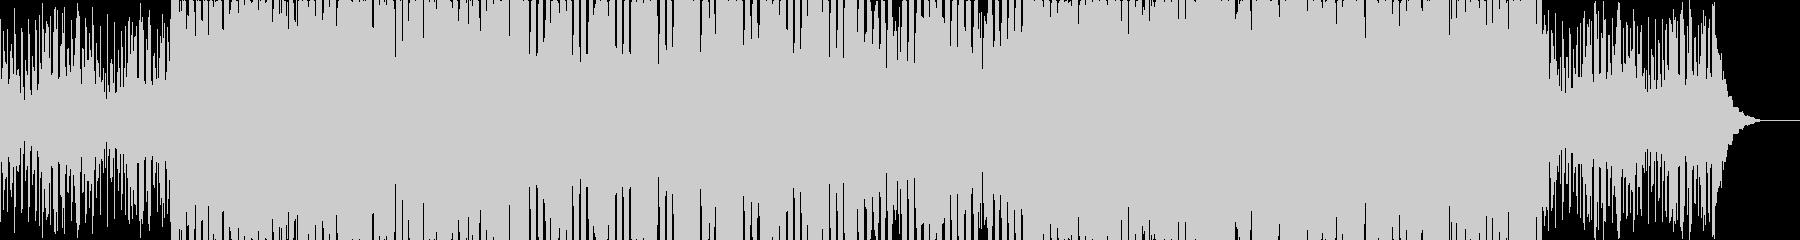 爽やかなイメージでプロモーション映像に。の未再生の波形